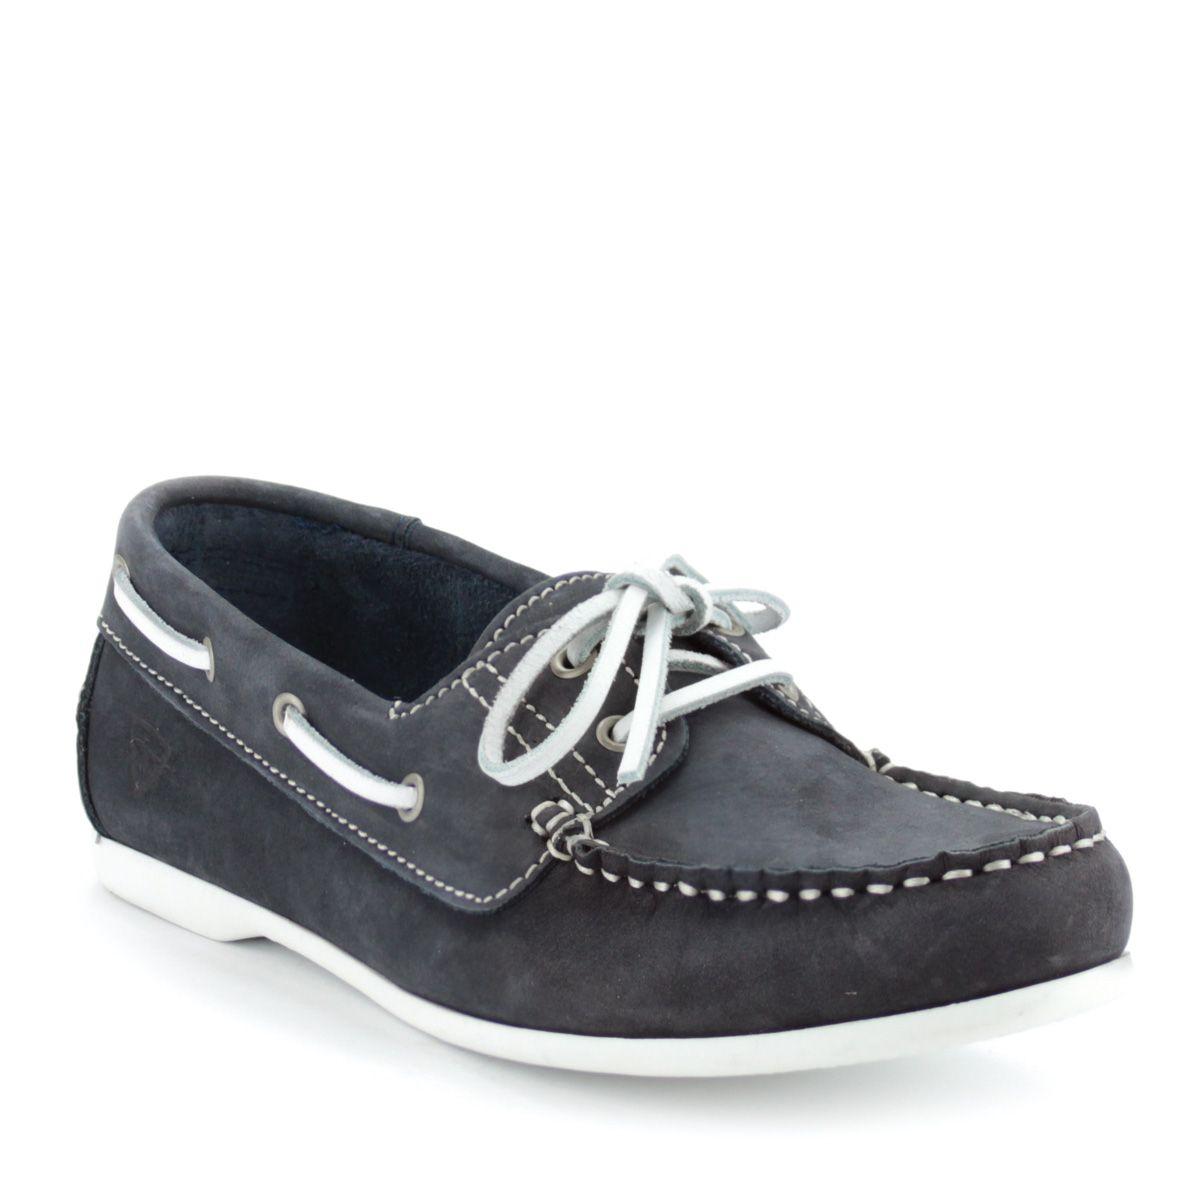 Kék színű Tamaris vitorlás cipő  9981adb9d0